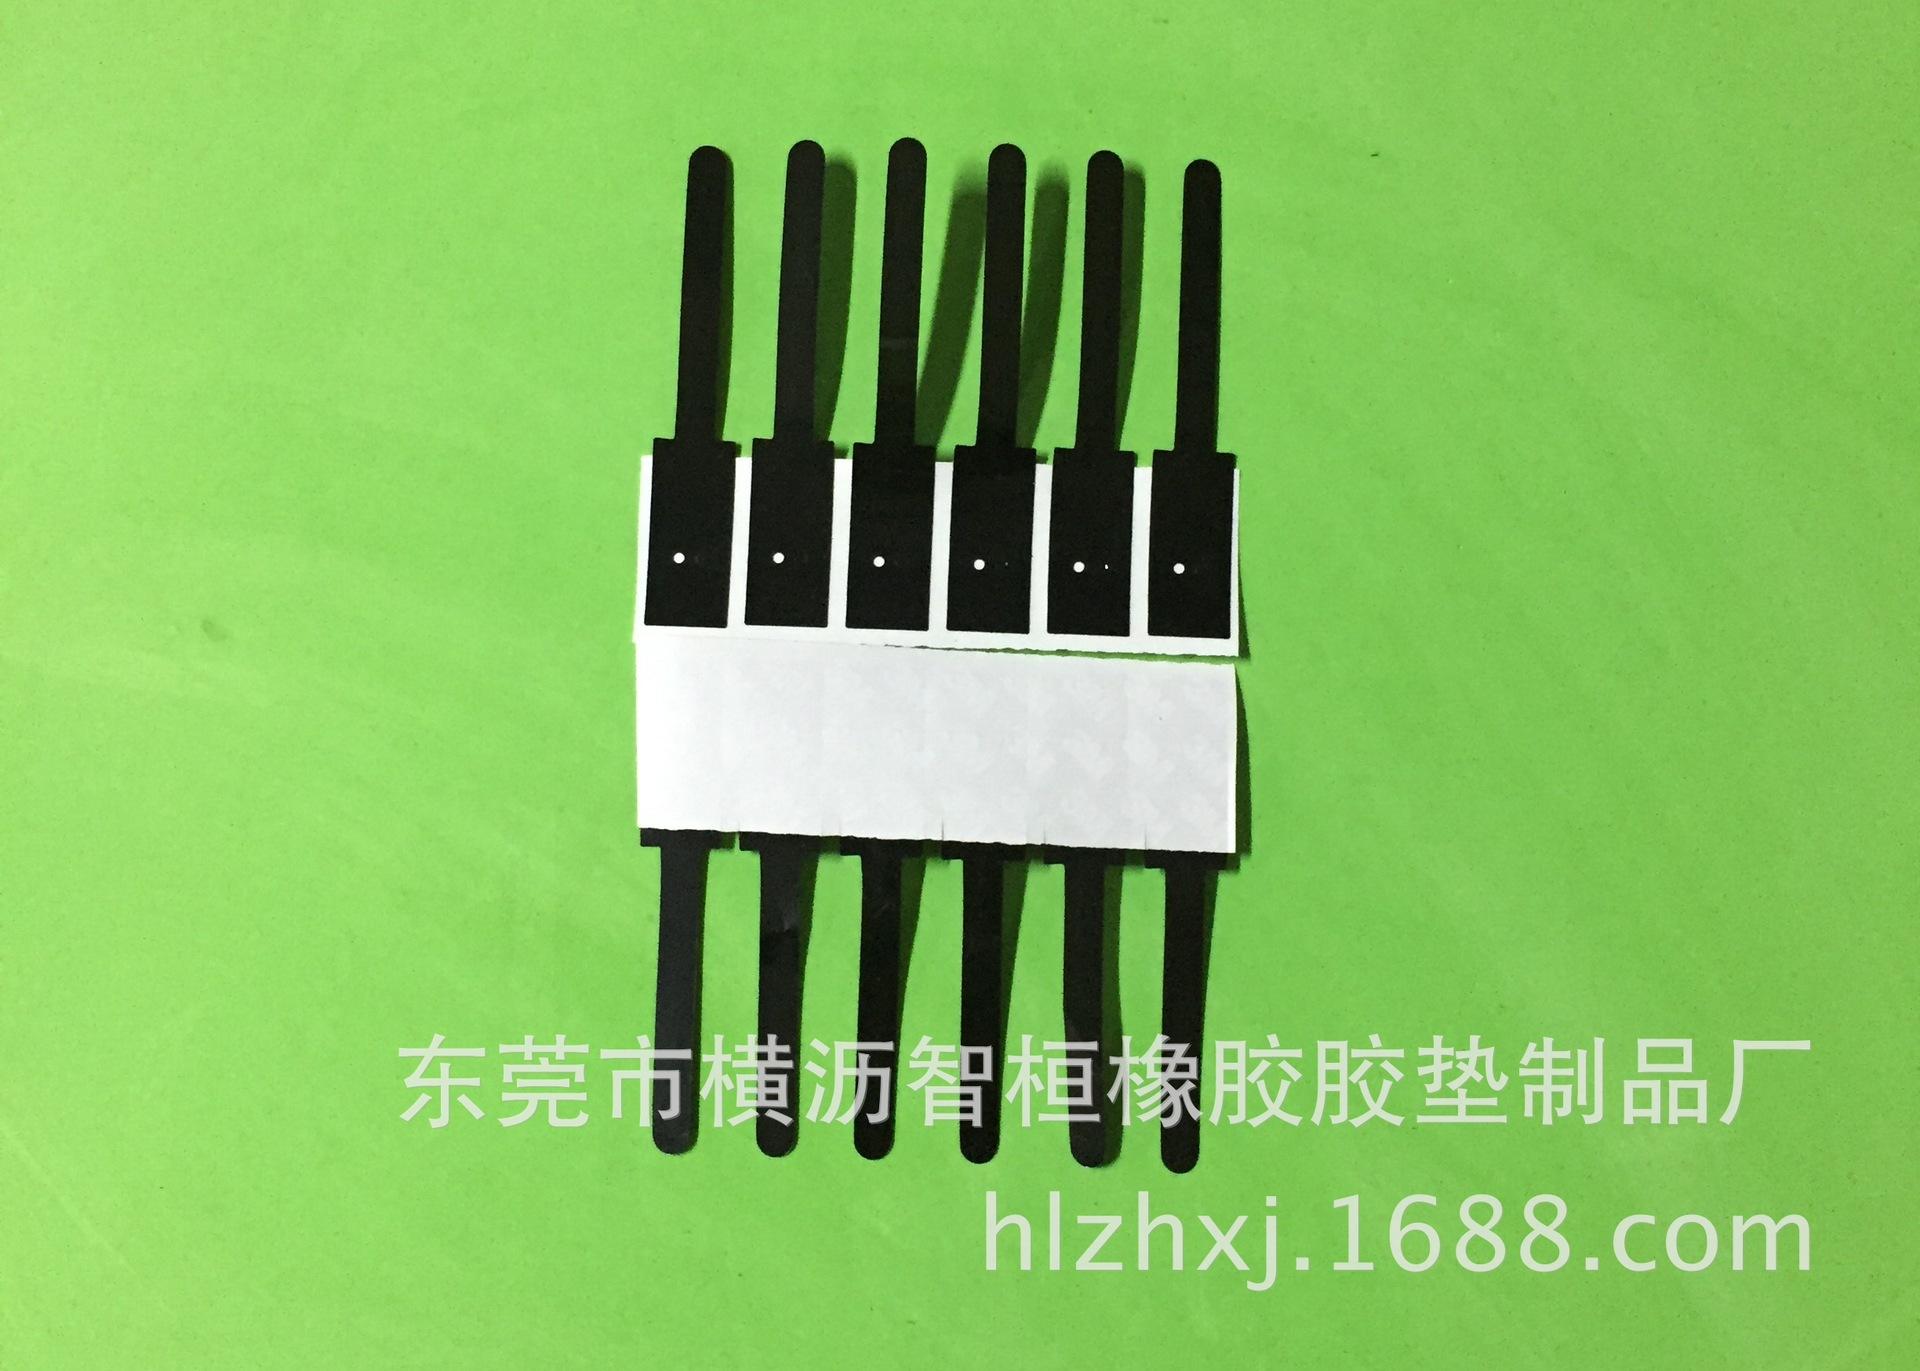 黑色PET电池拉片